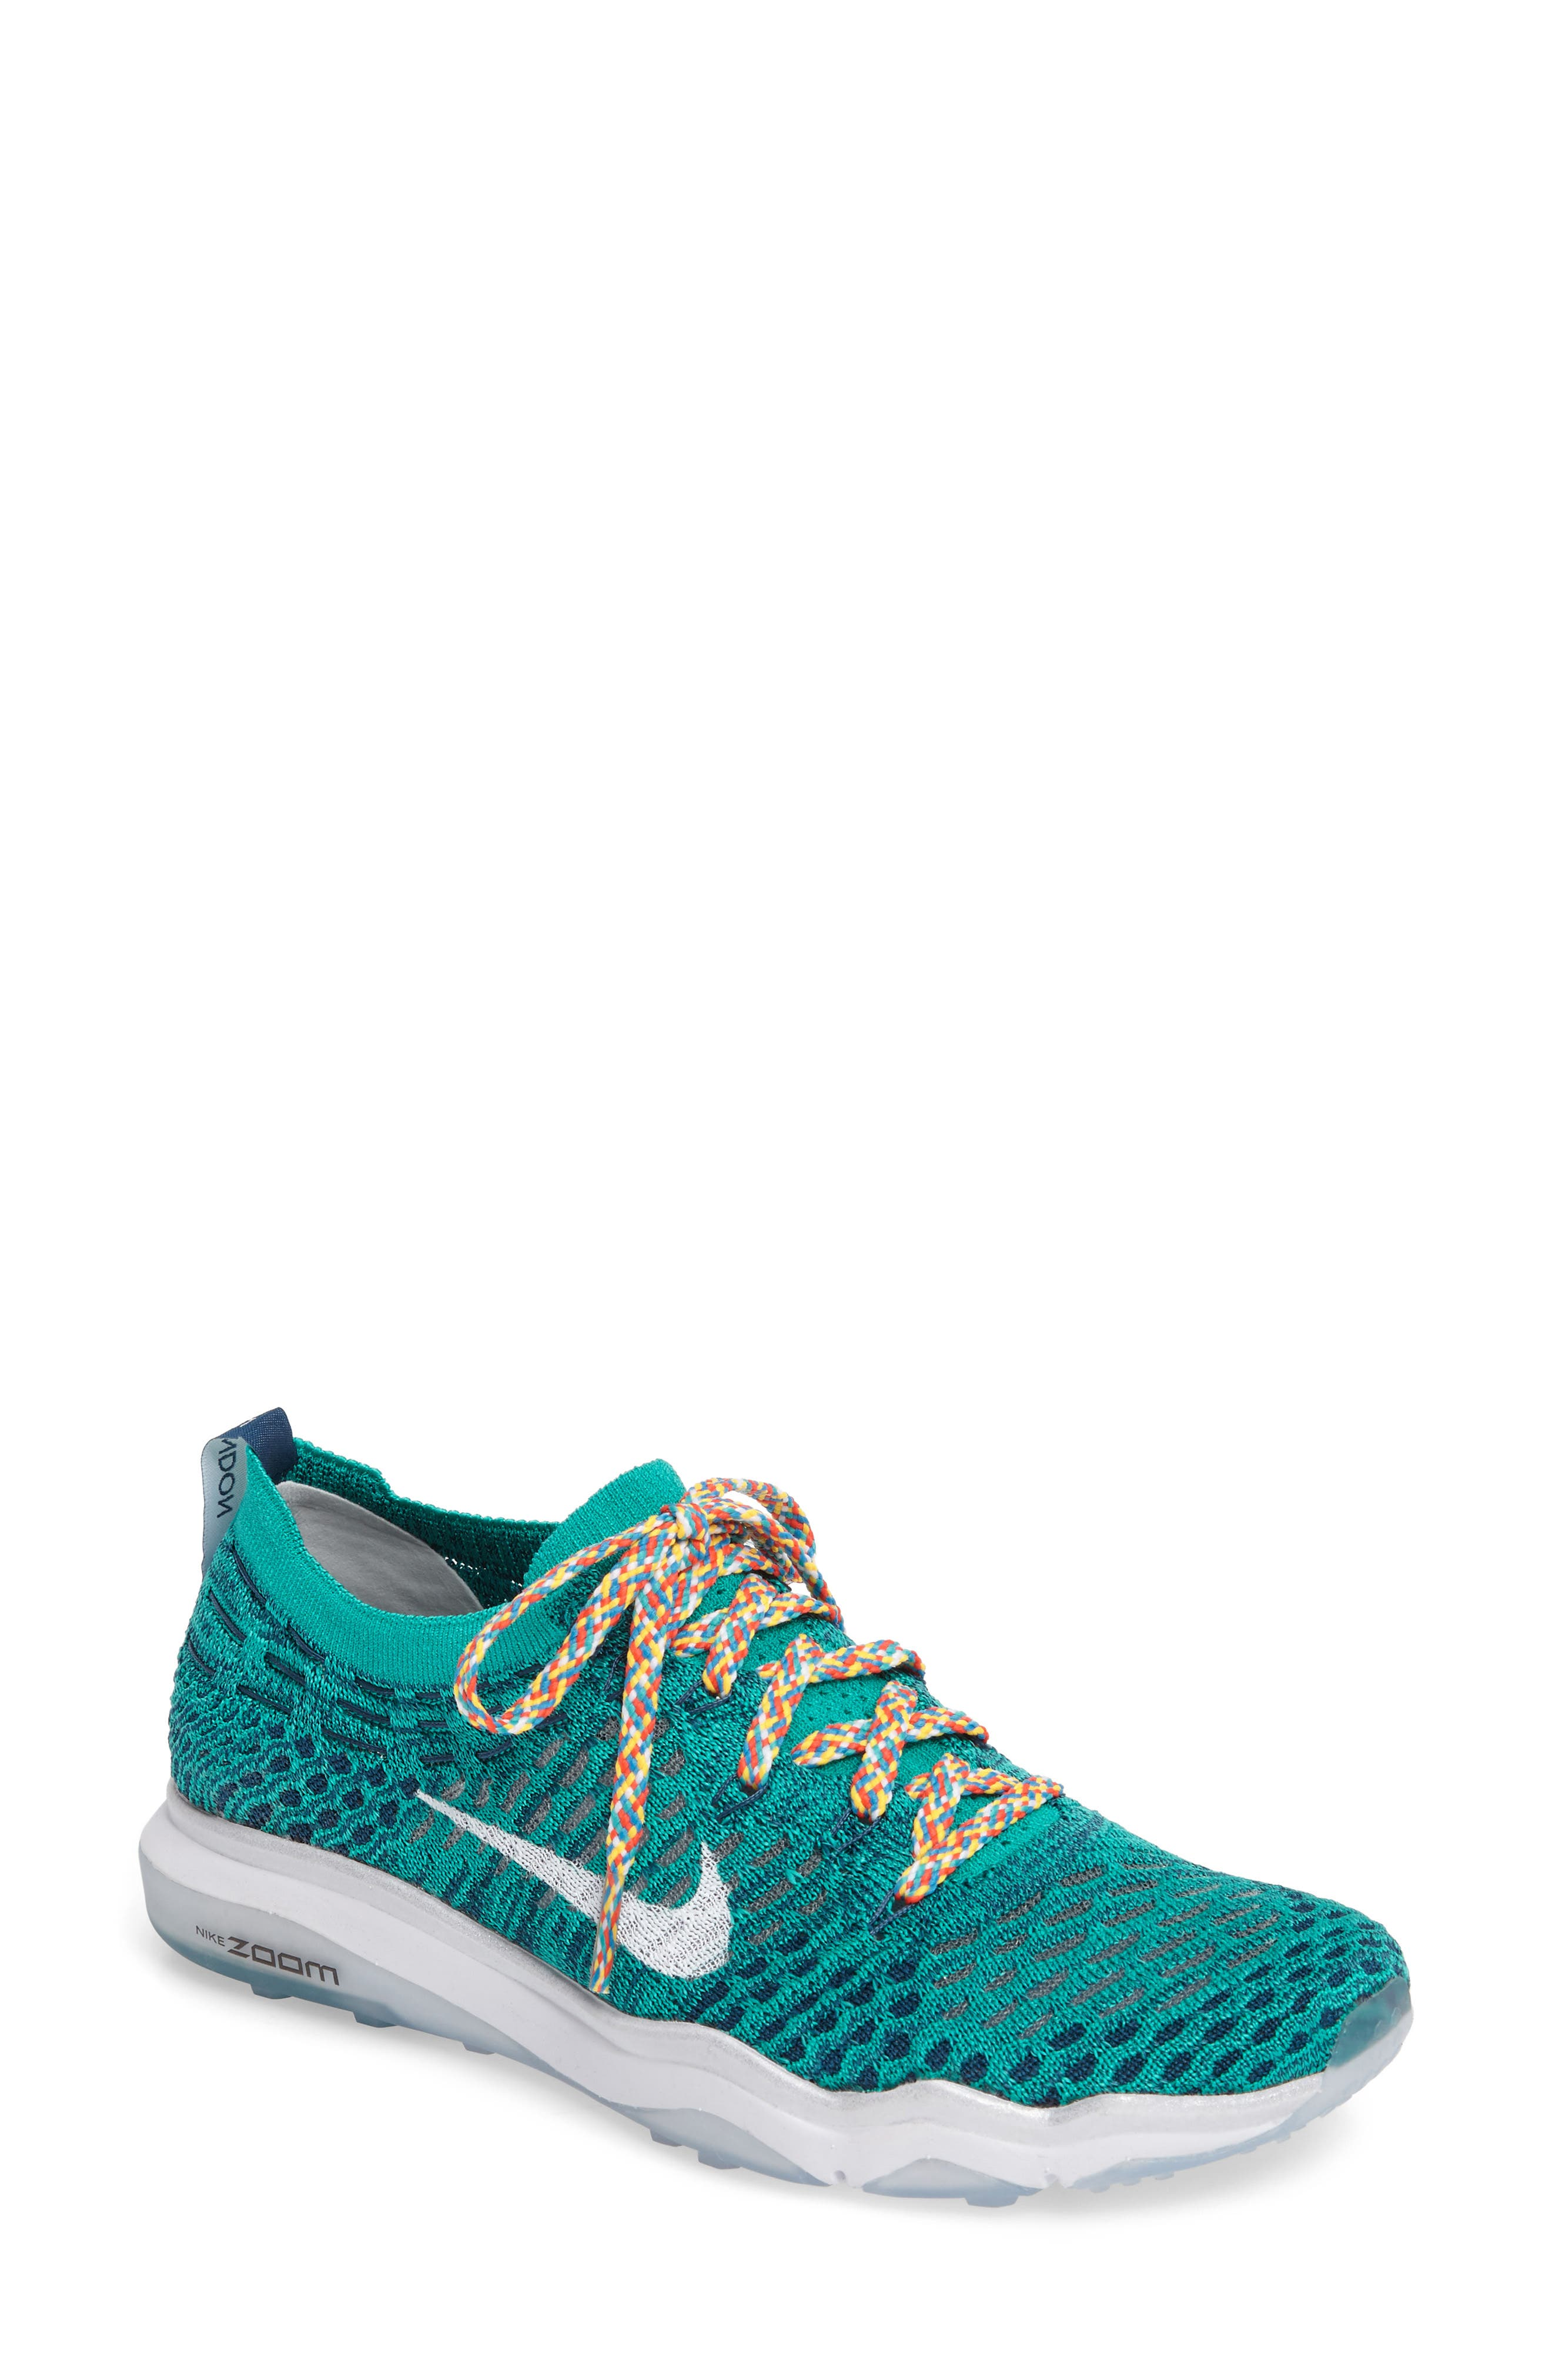 Nike Zoom Fearless City Flyknit Training Shoe (Women)